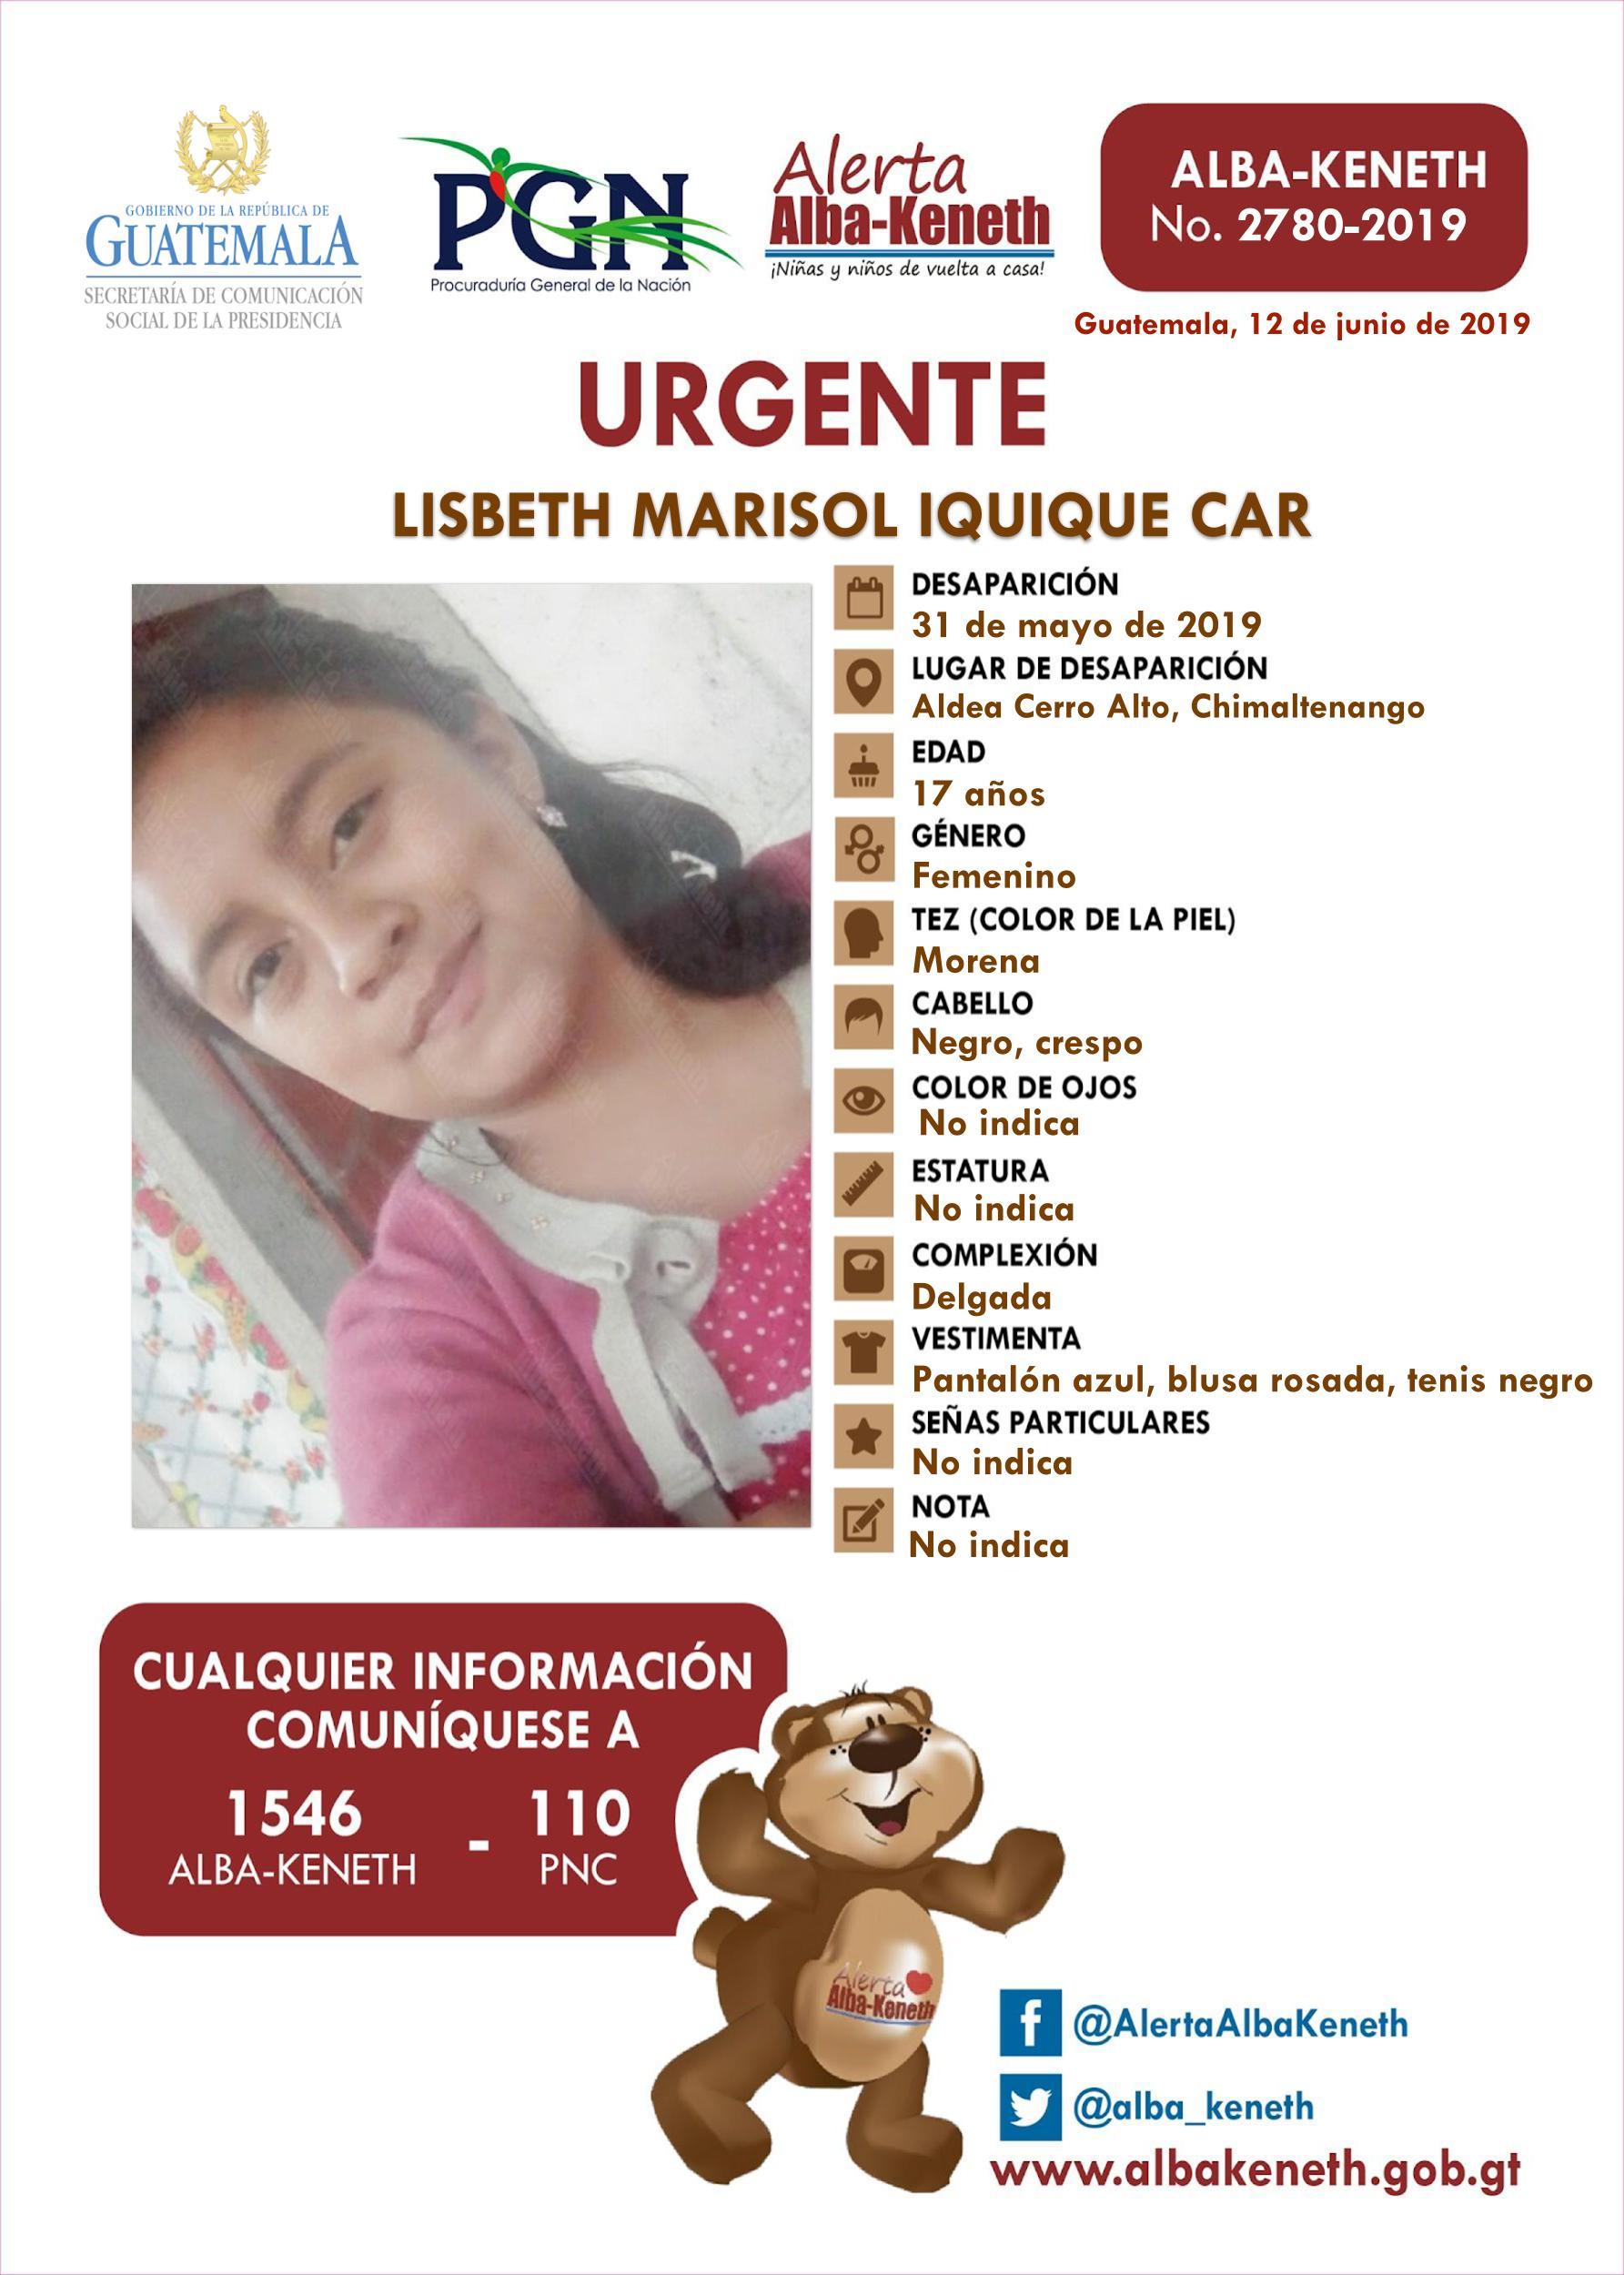 Lisbeth Marisol Iquique Car